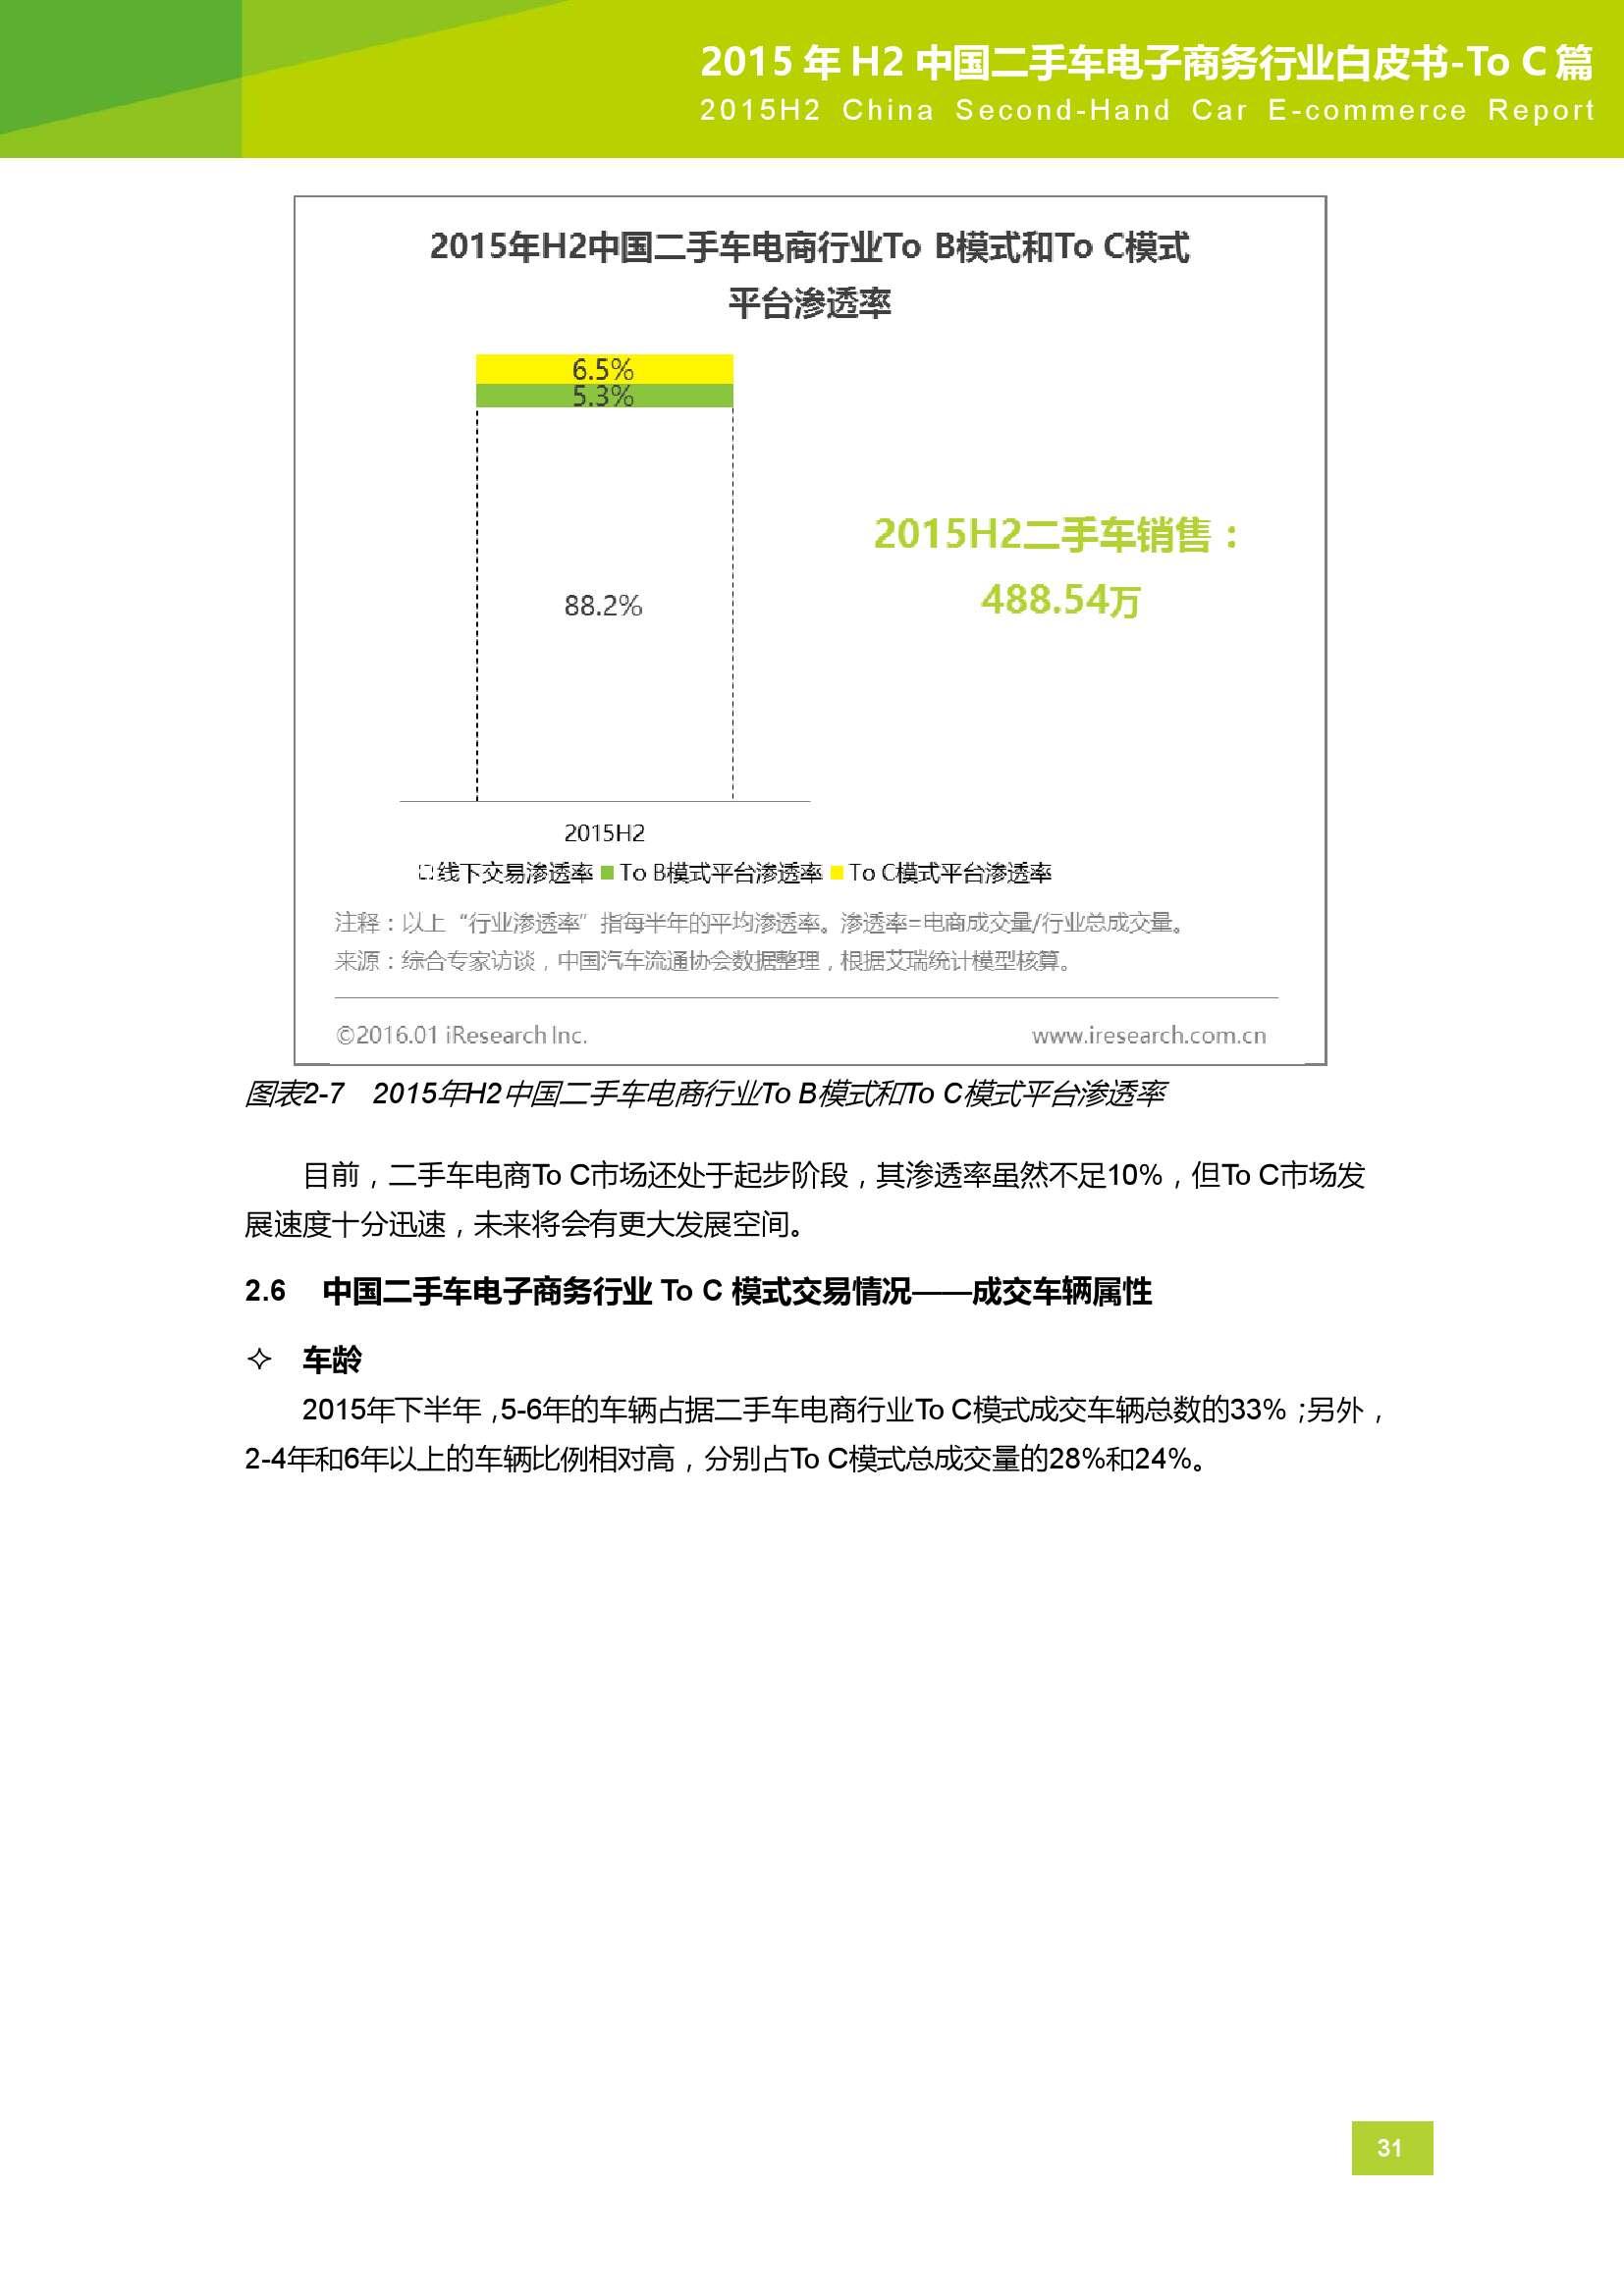 2015年H2中国二手车电子商务行业白皮书_000031